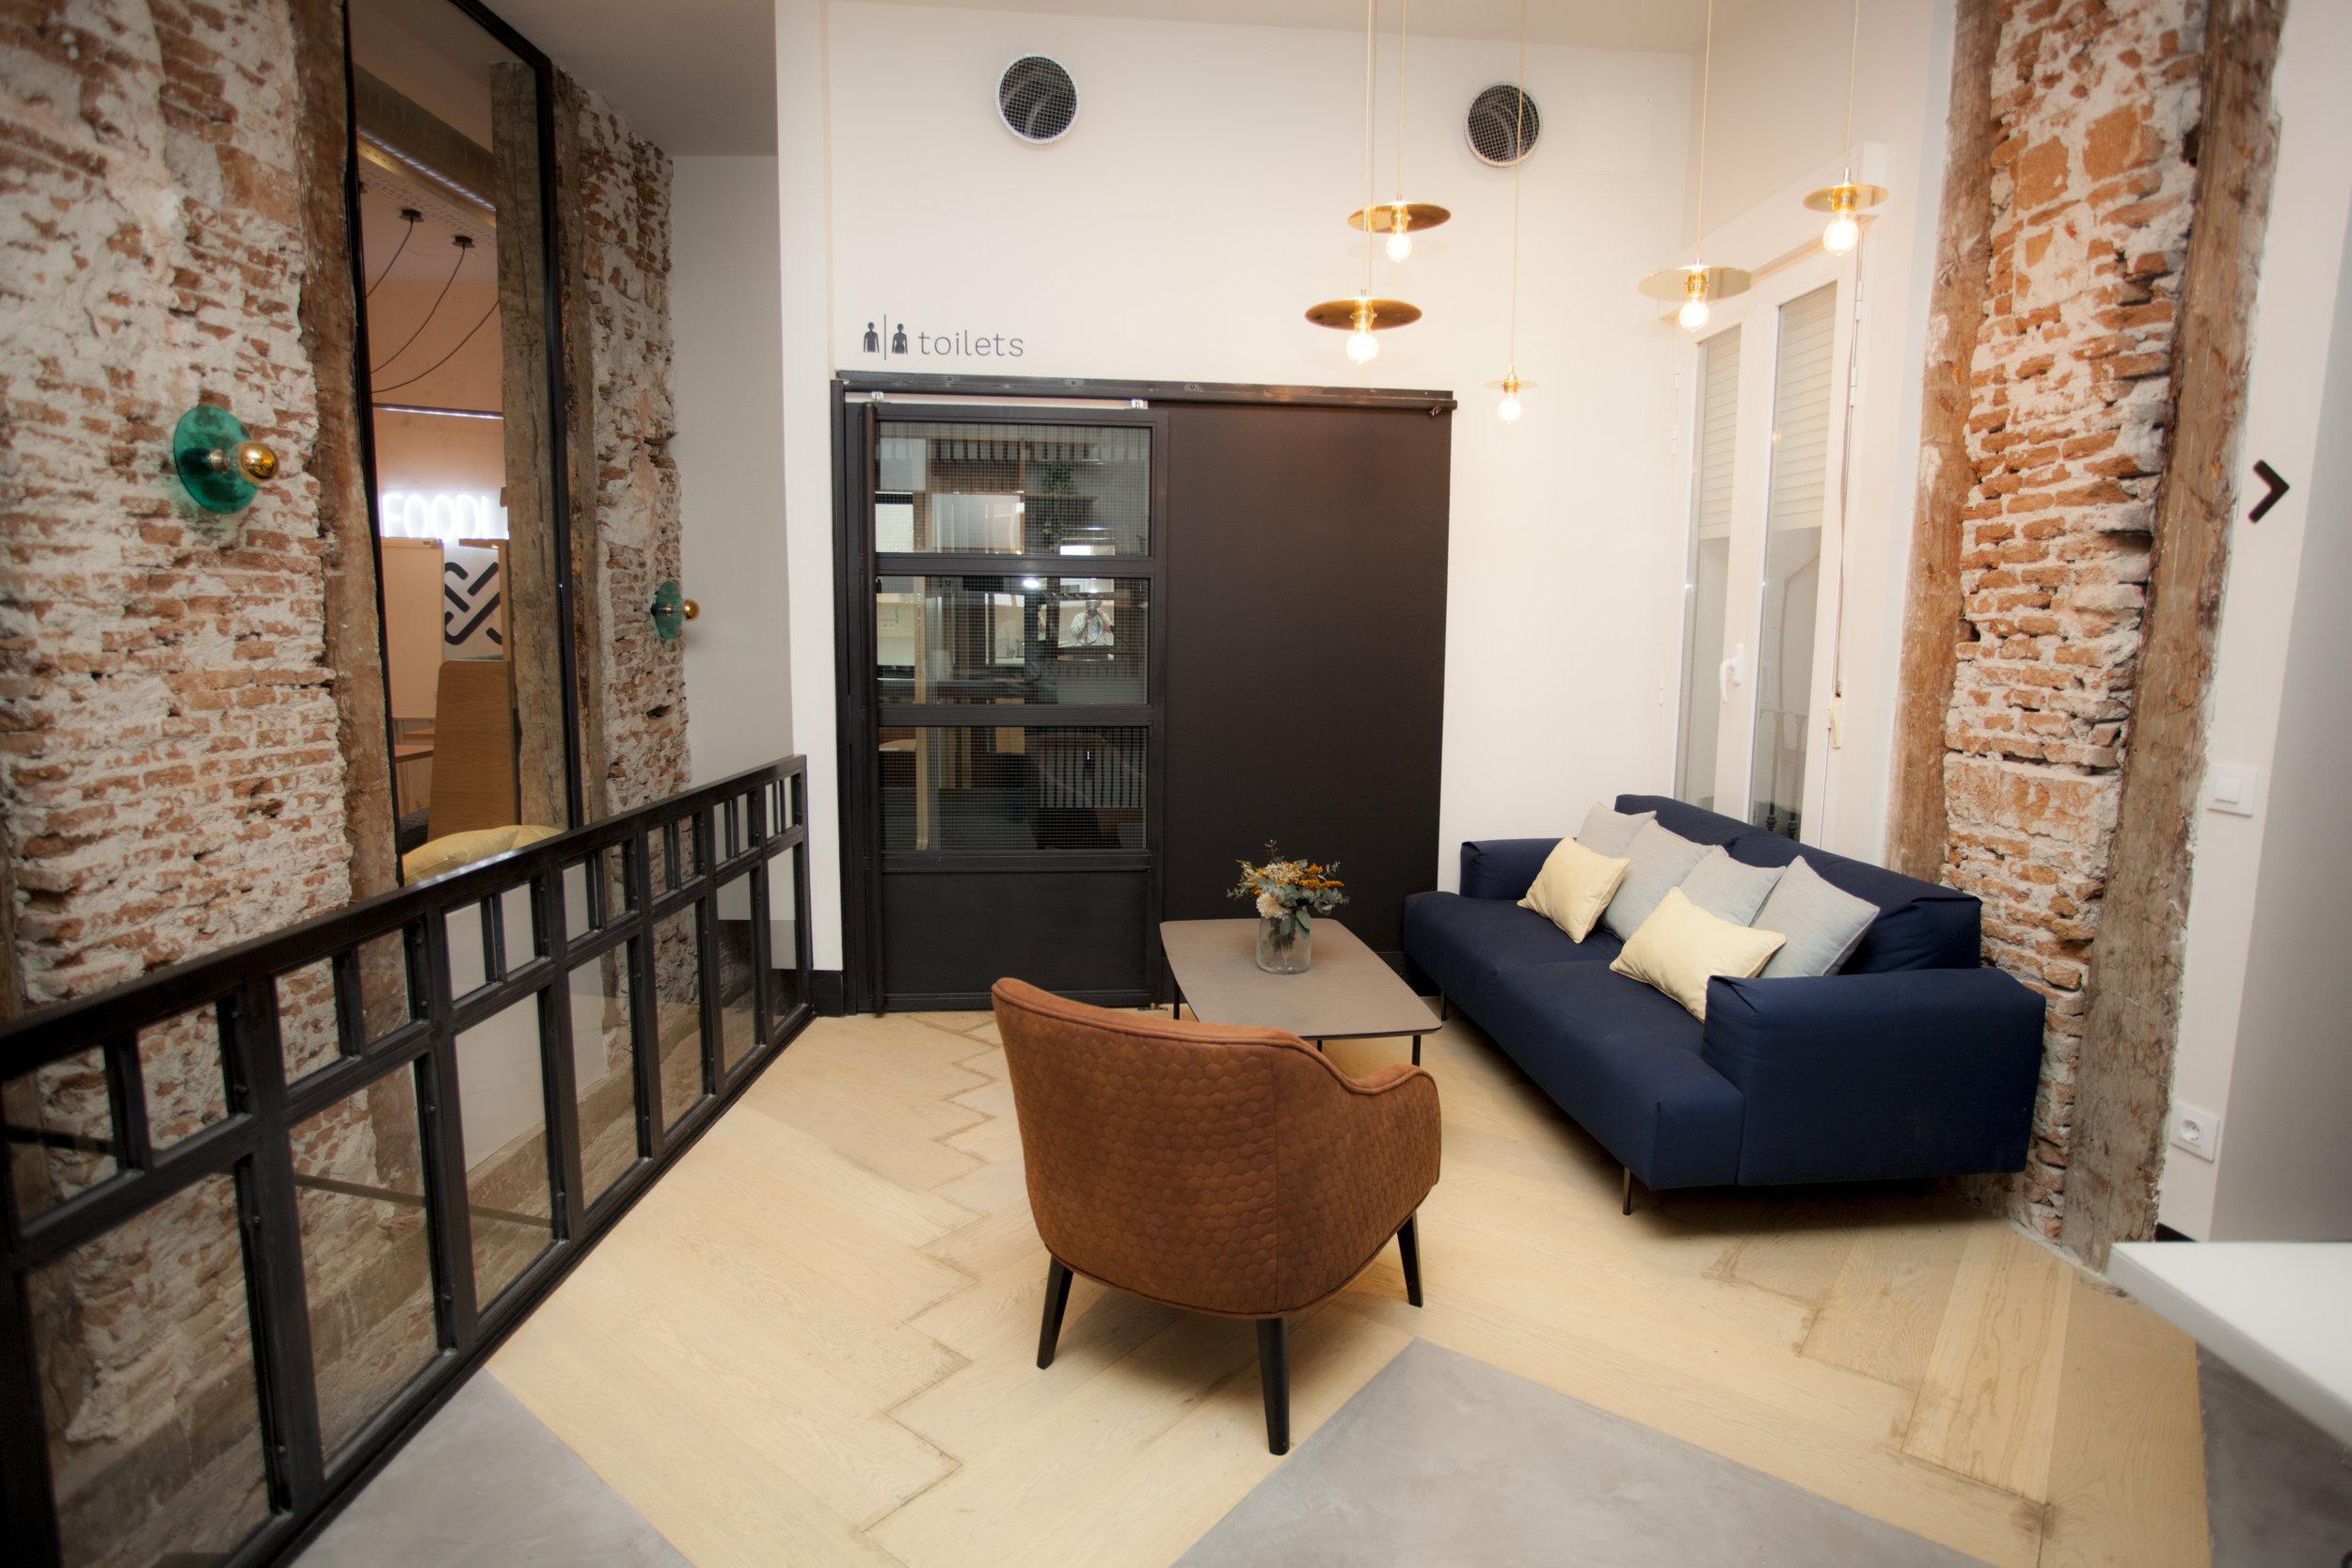 emmme studio restauracion Foodlab UrbanCampus estar y aseos.jpg